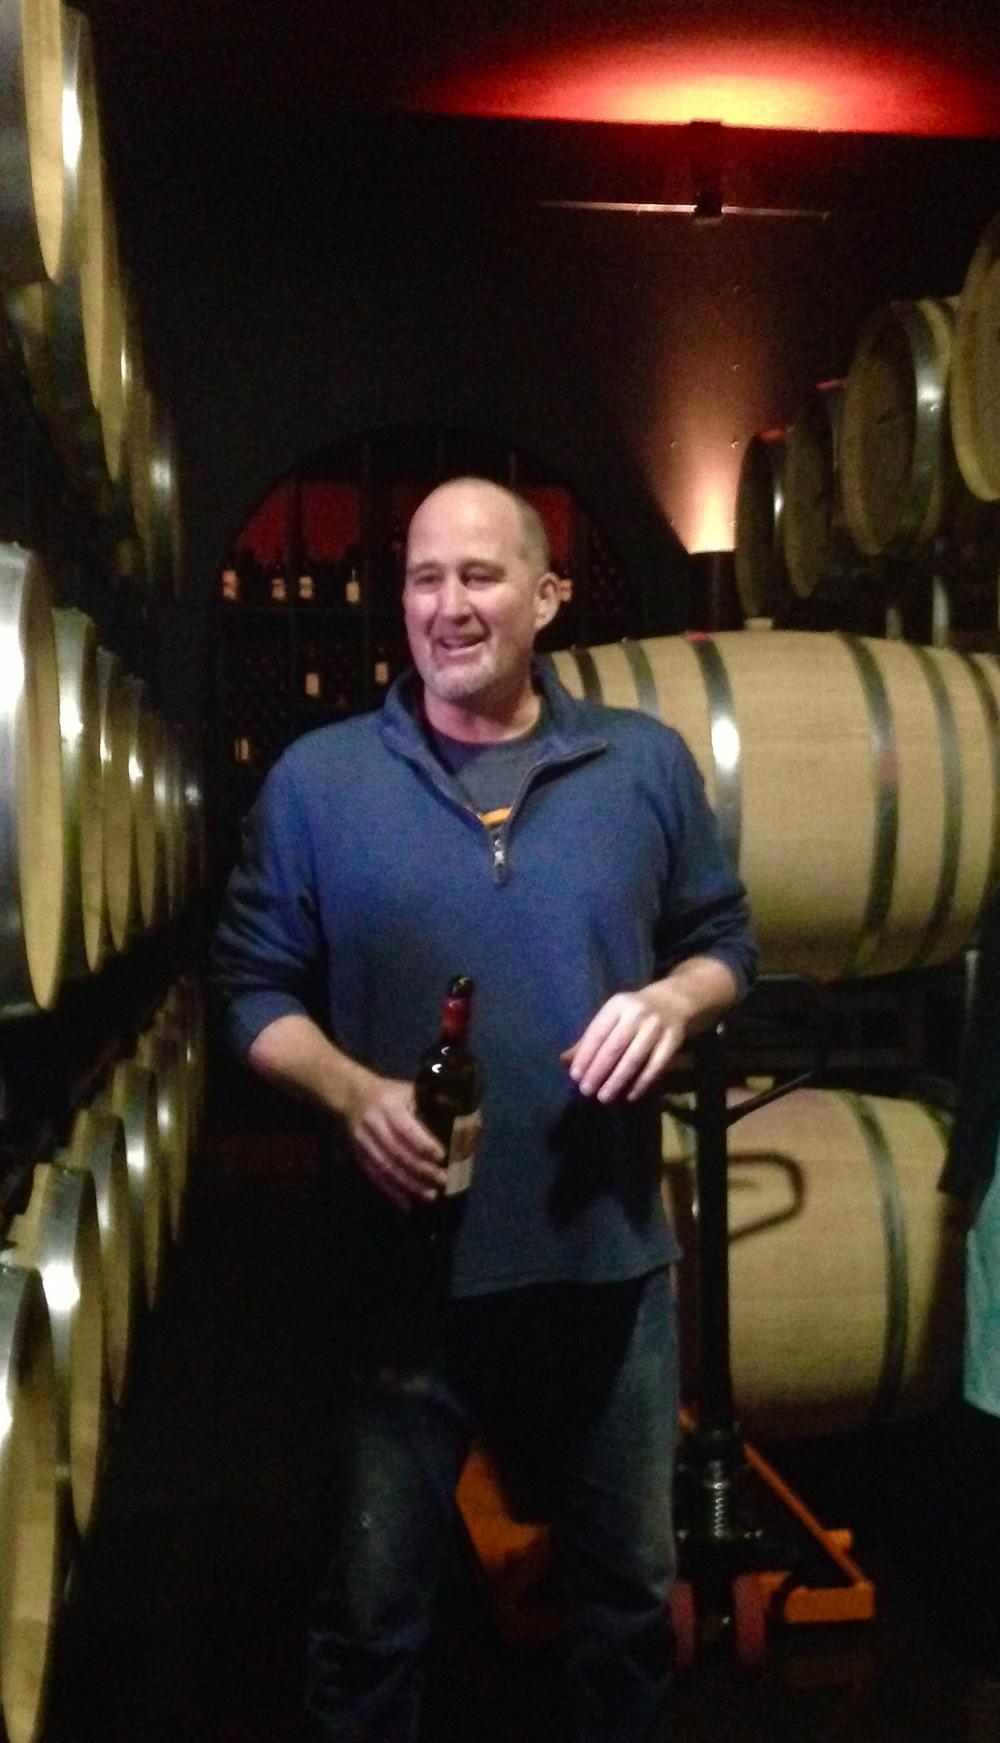 Owner/winemaker at JM Cellars, John Bigelow